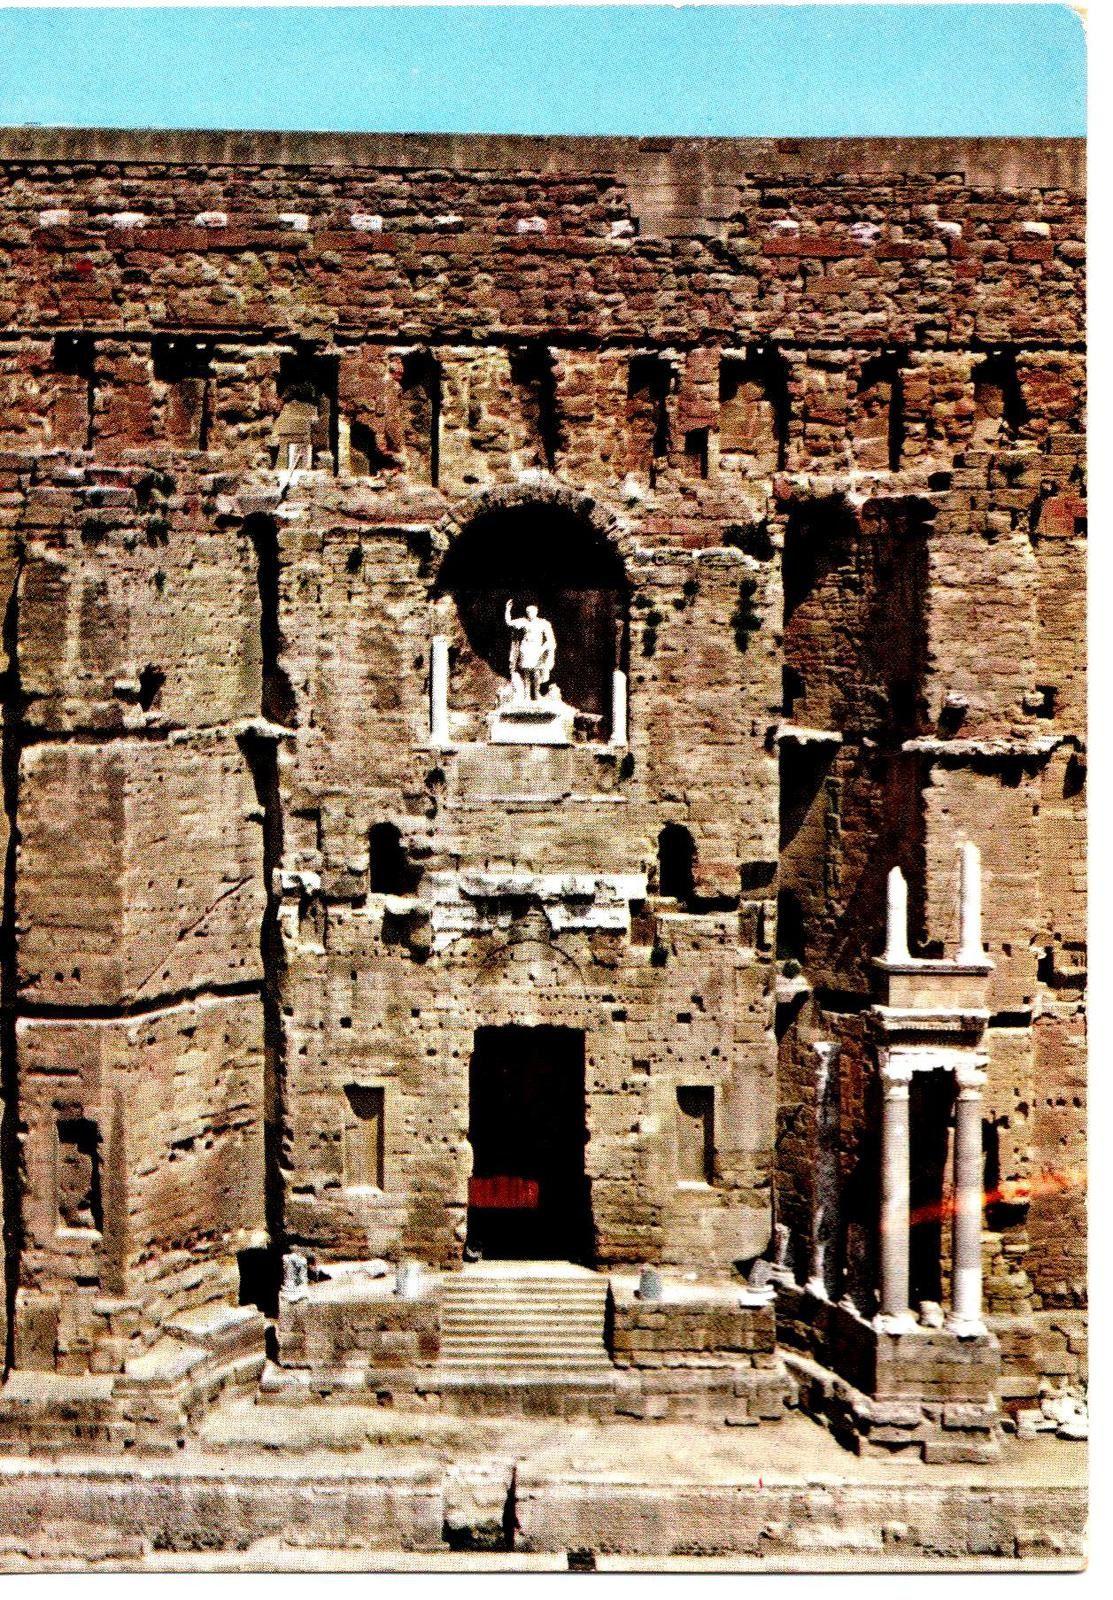 Le théâtre romain, longtemps appelé le cirque.